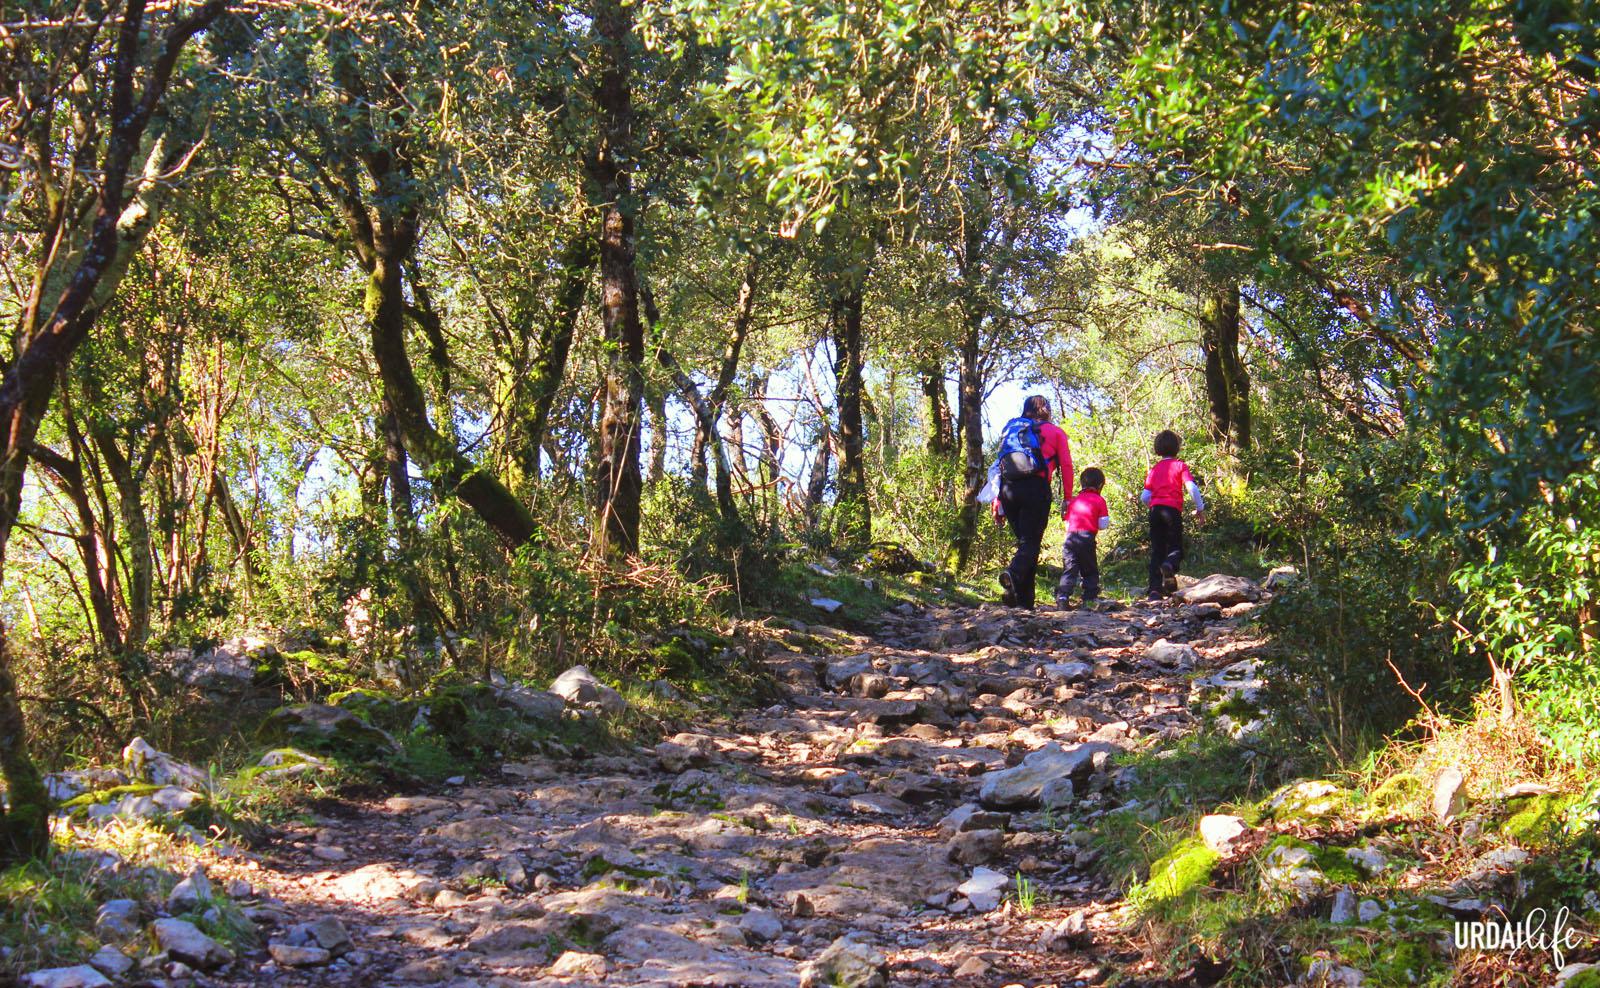 Excursión con niños a San Pedro Atxarre